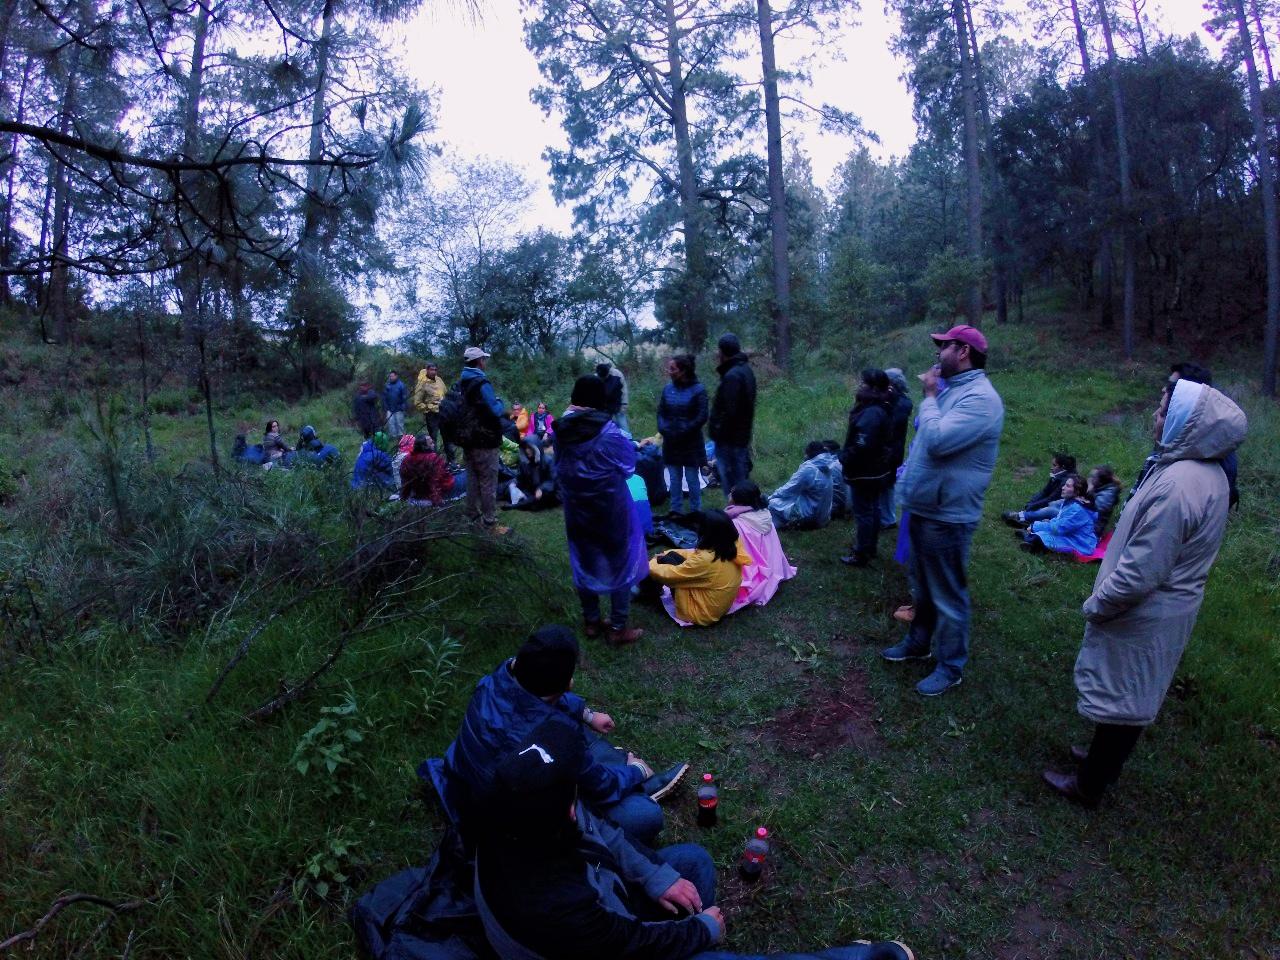 santuario de luciérnagas tlaxcala nanacamilpa como llegar